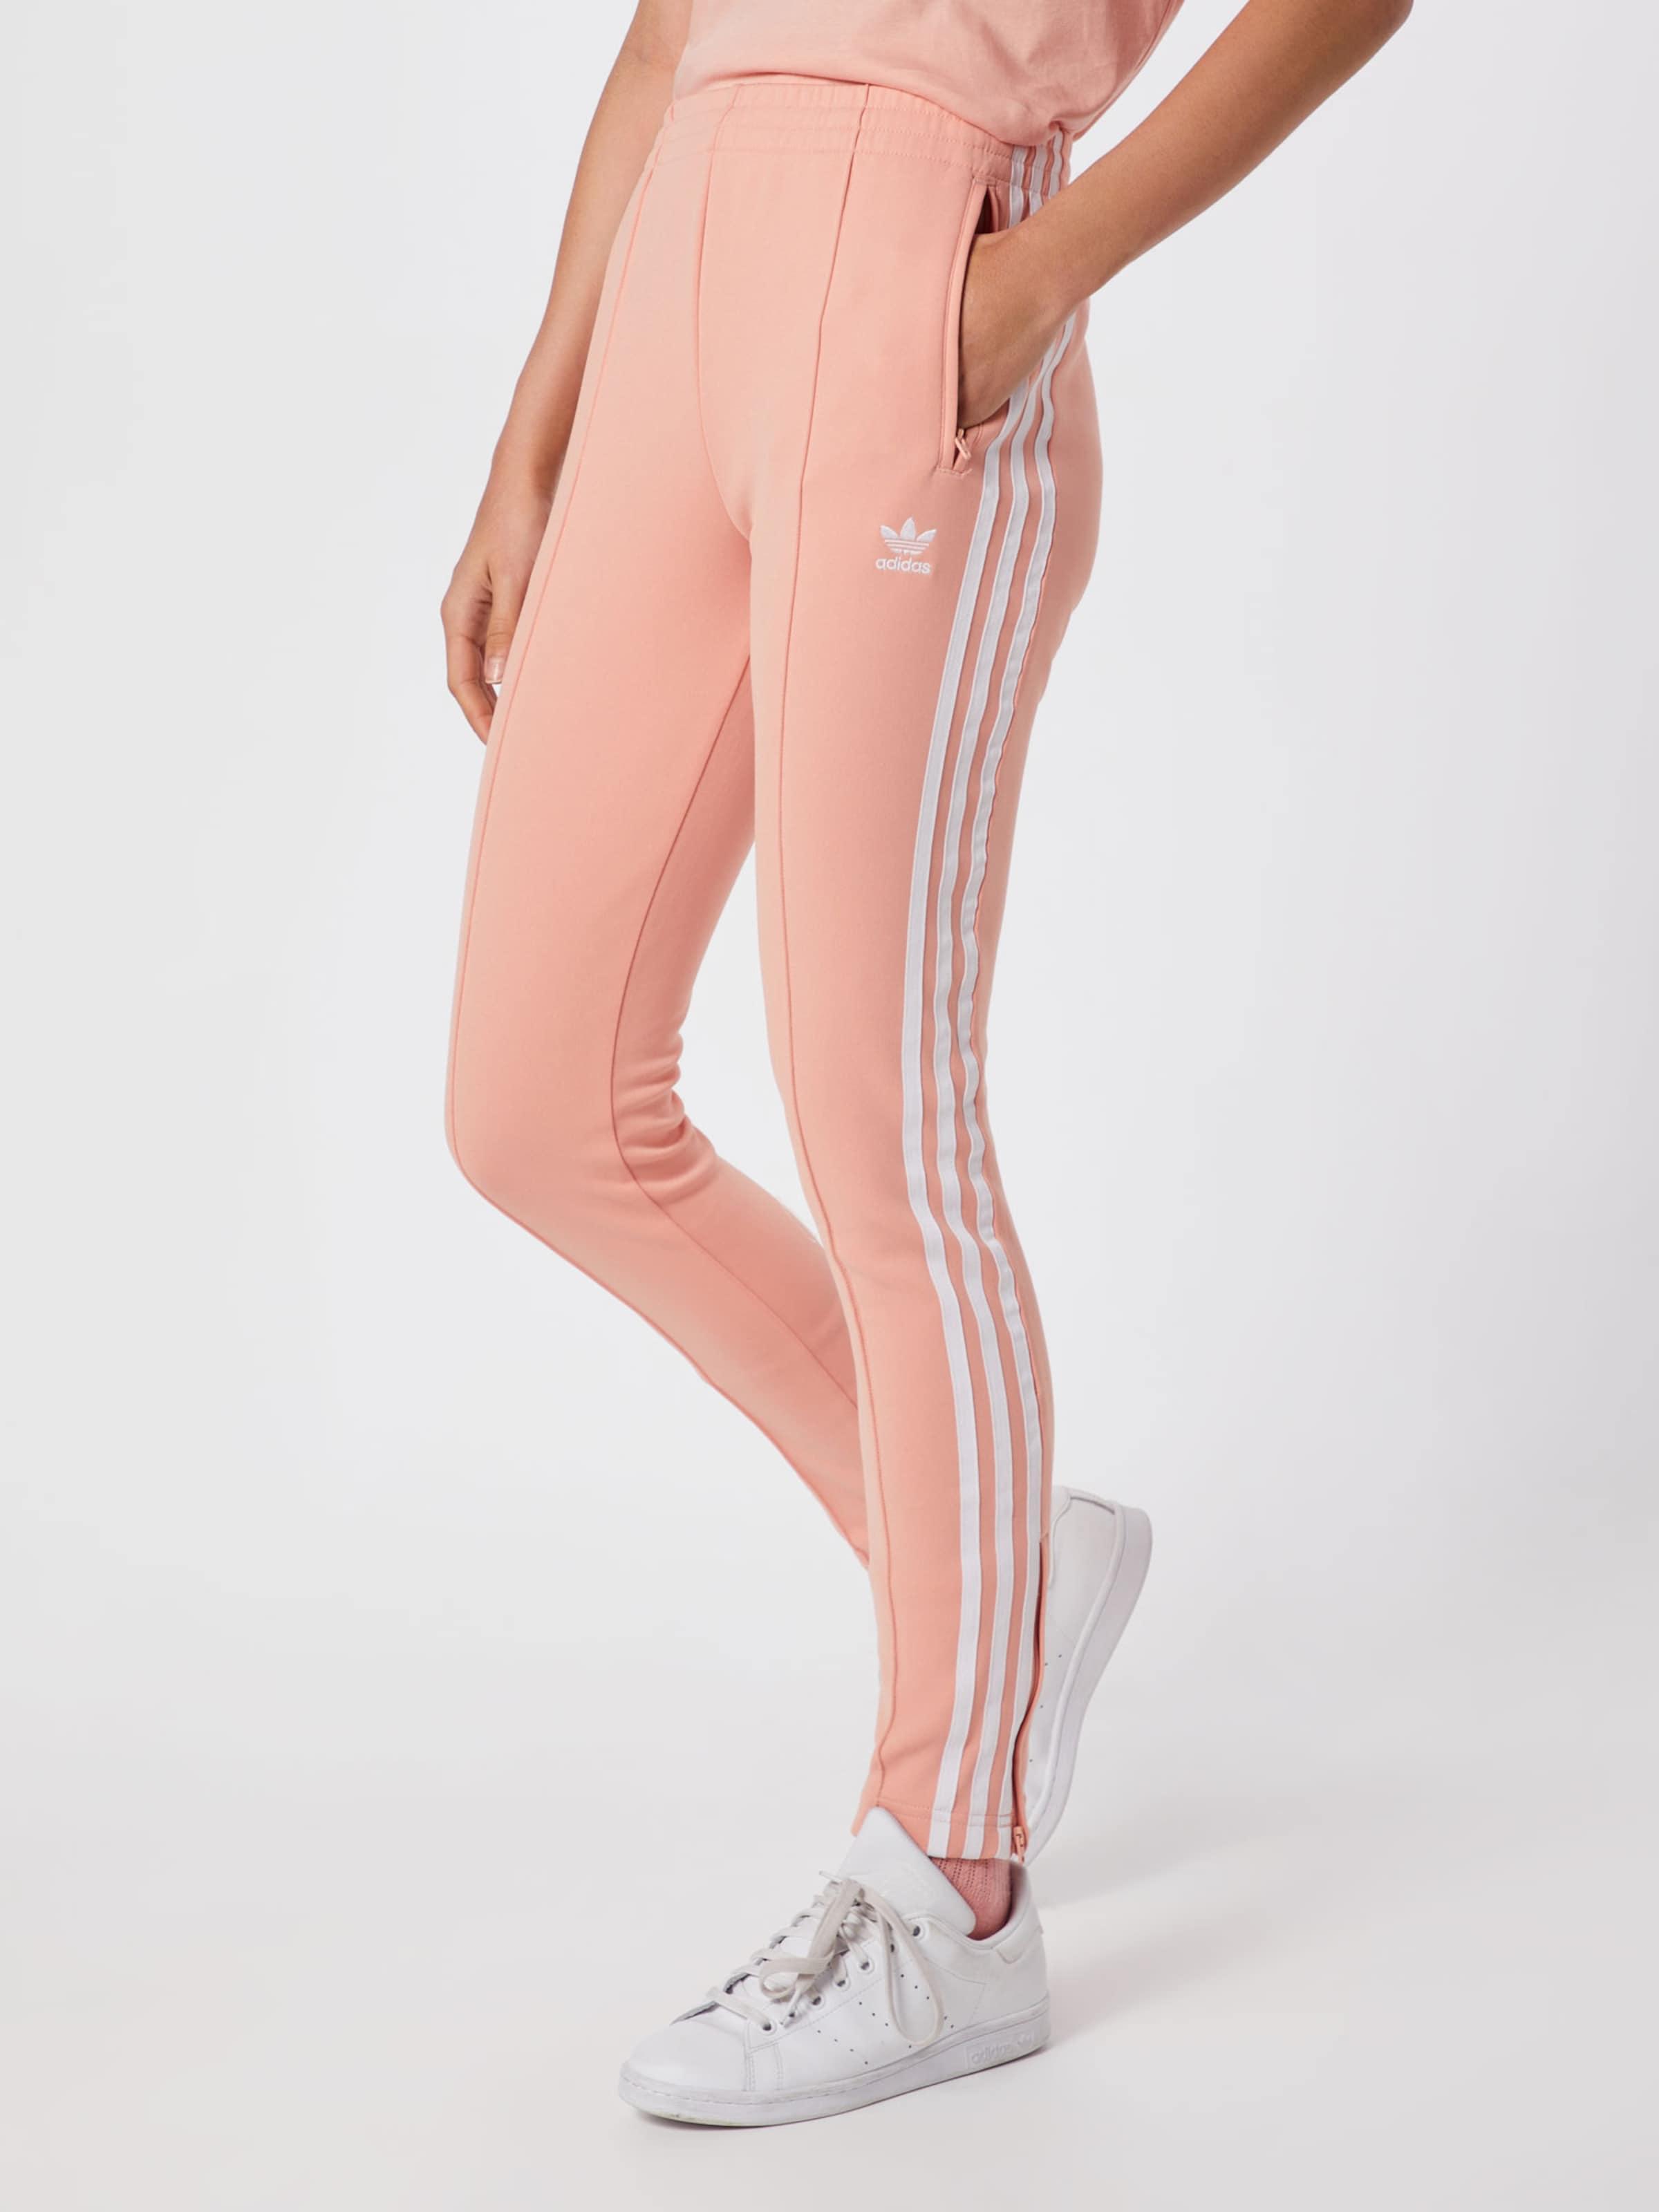 Adidas Adidas PfirsichWeiß Adidas Originals Hose Hose Originals In In PfirsichWeiß Originals EH29WIDY